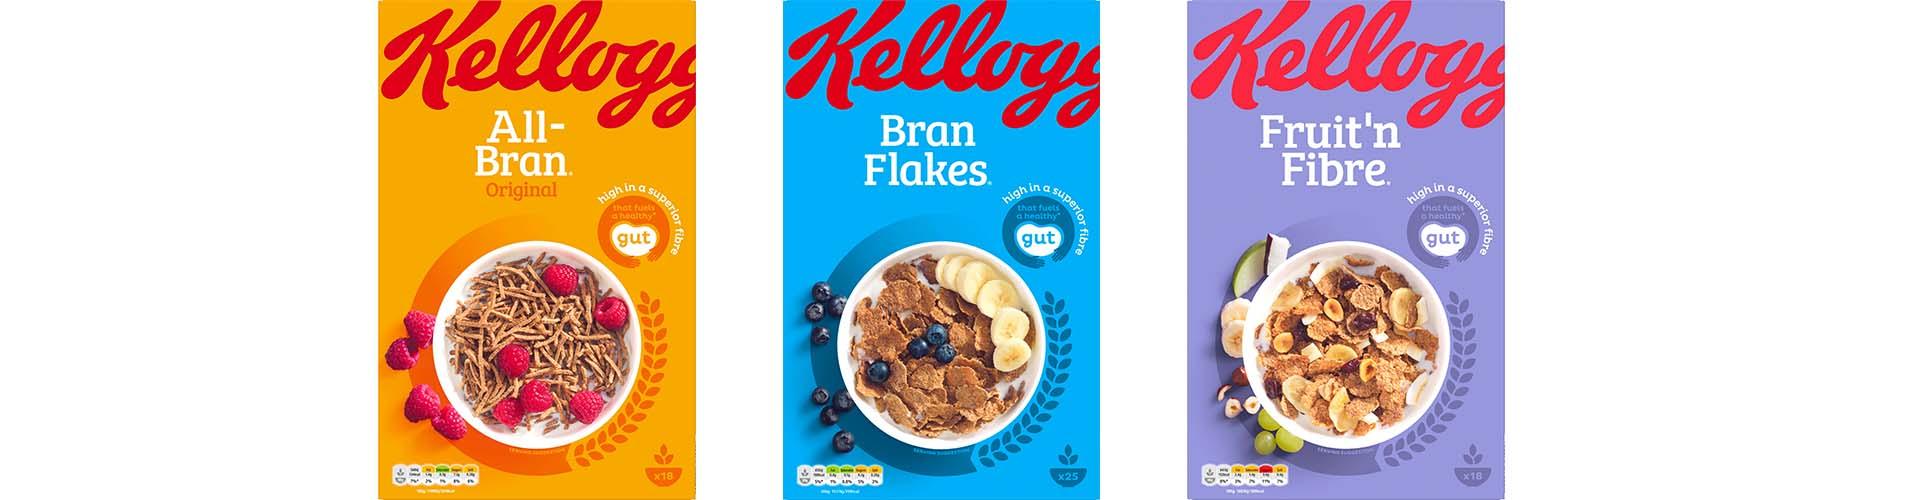 Boxes of Kellogg's Branflake range